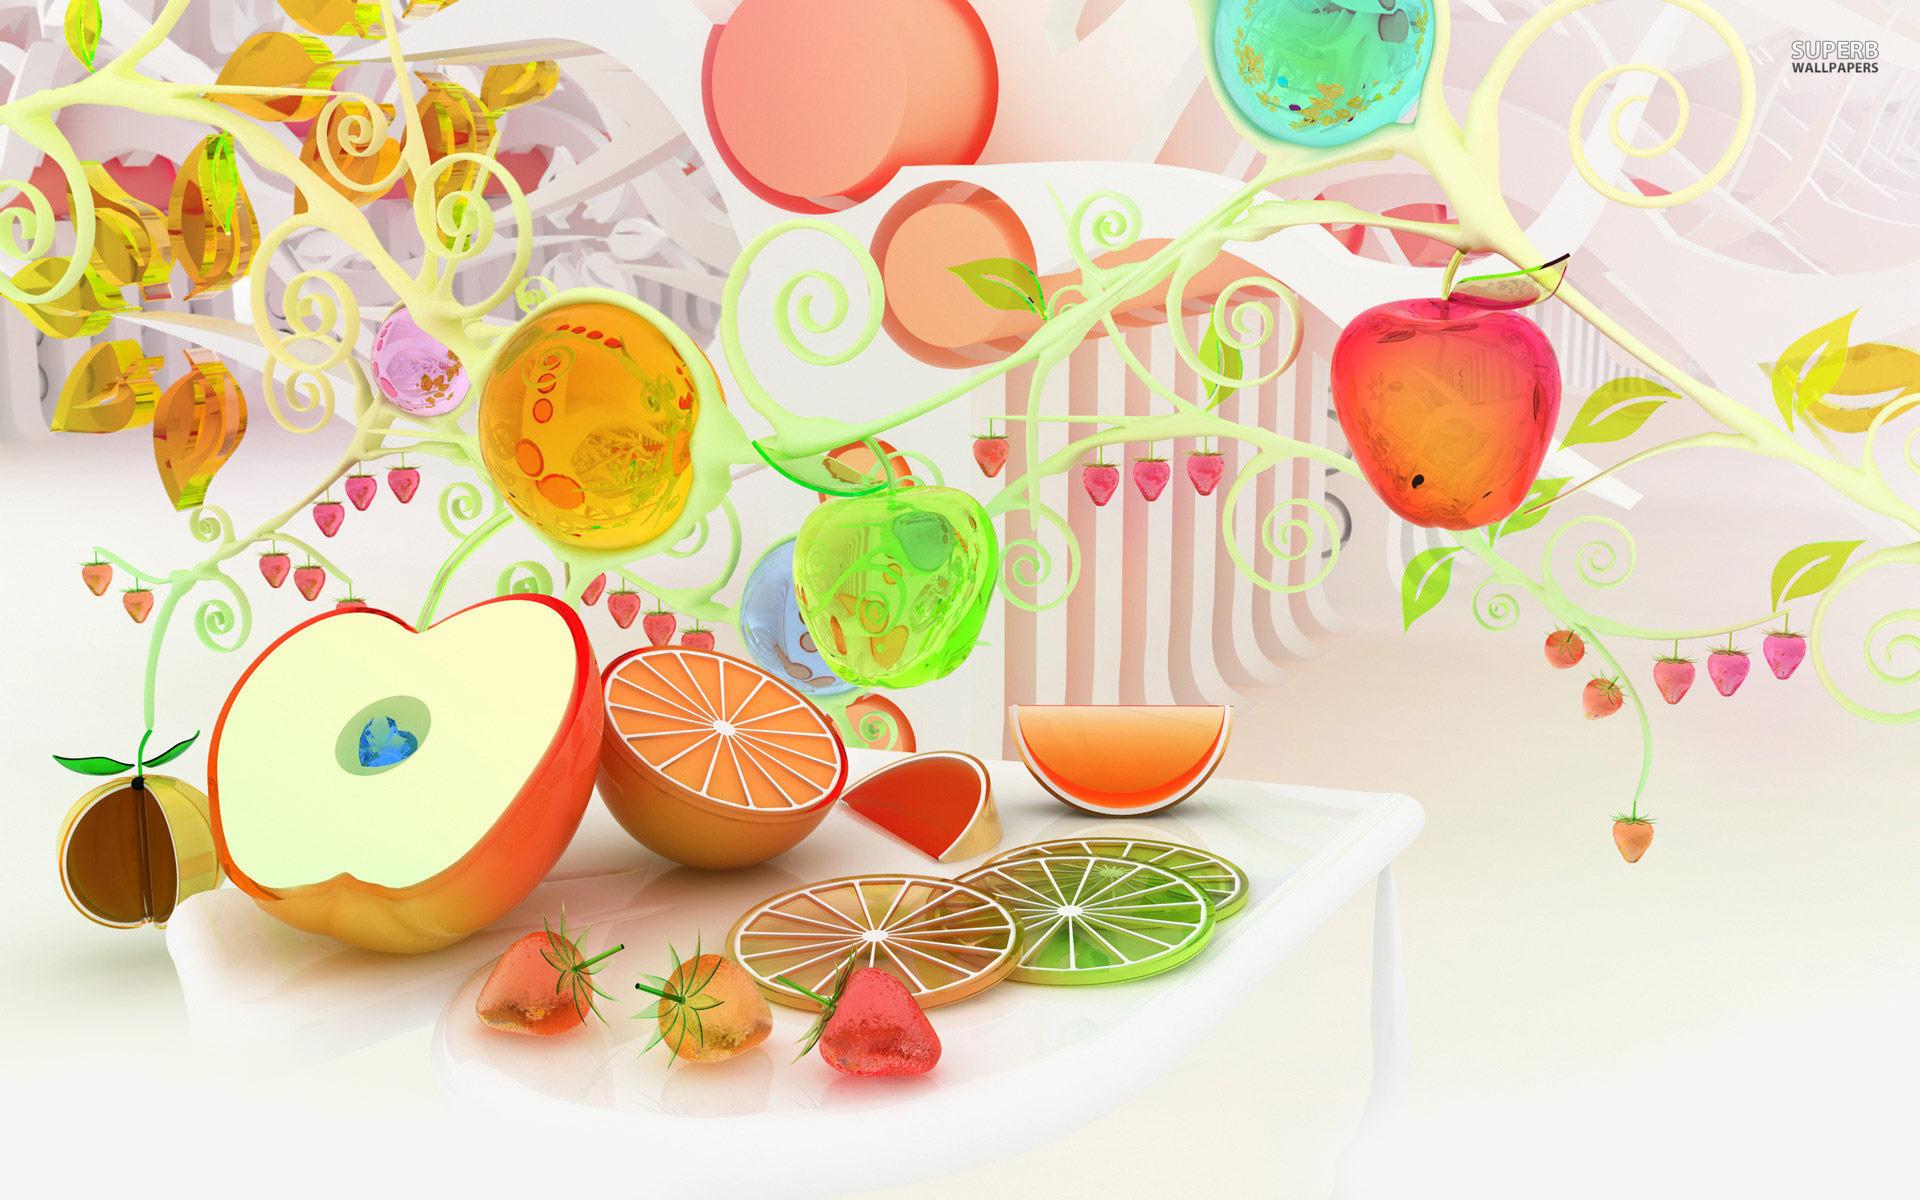 下一页:卡通蘑菇高清设计ppt背景图片 延边水果之王--苹果梨ppt模板